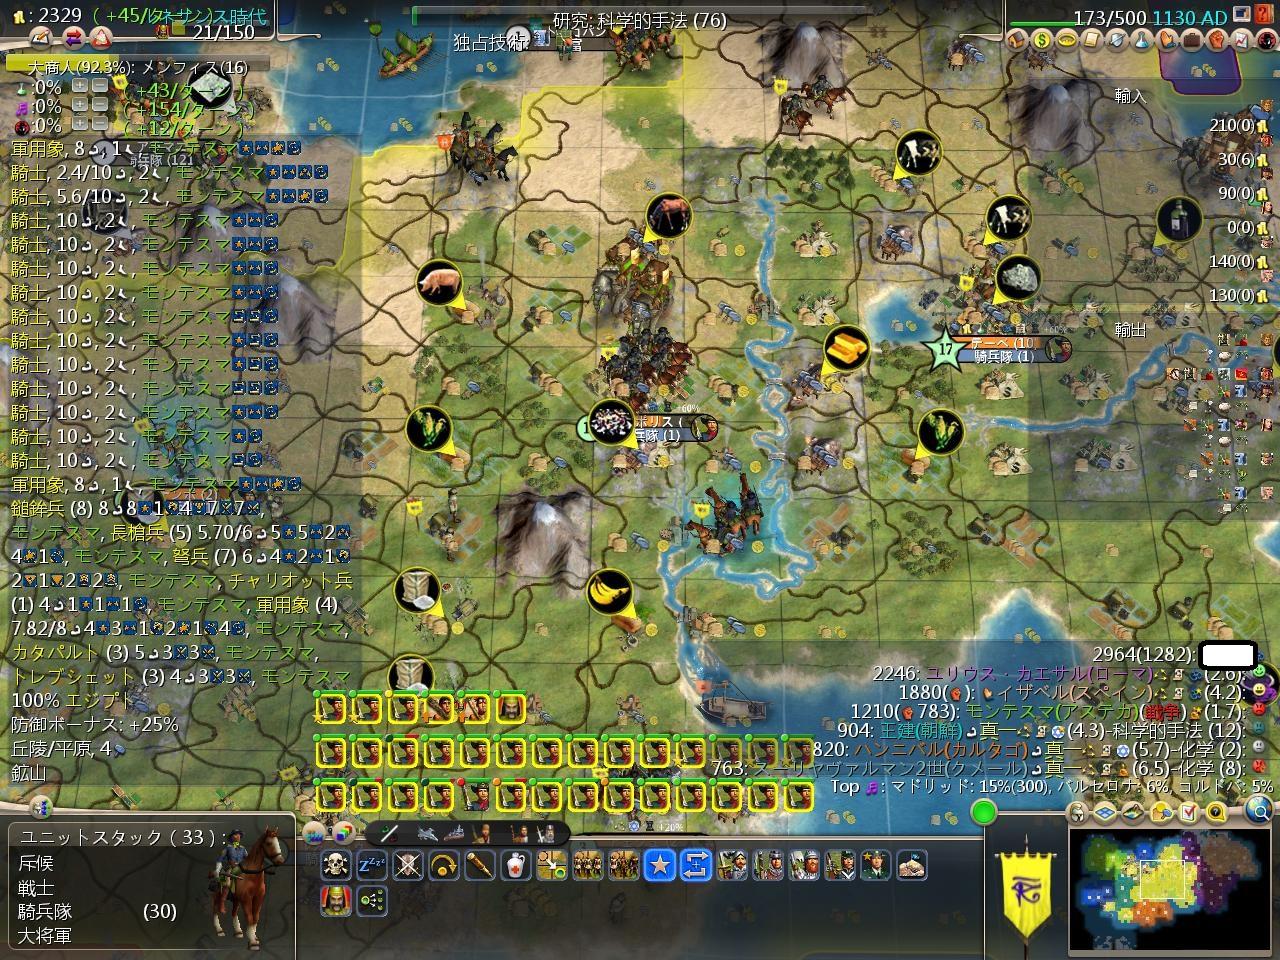 Civ4ScreenShot2216.JPG